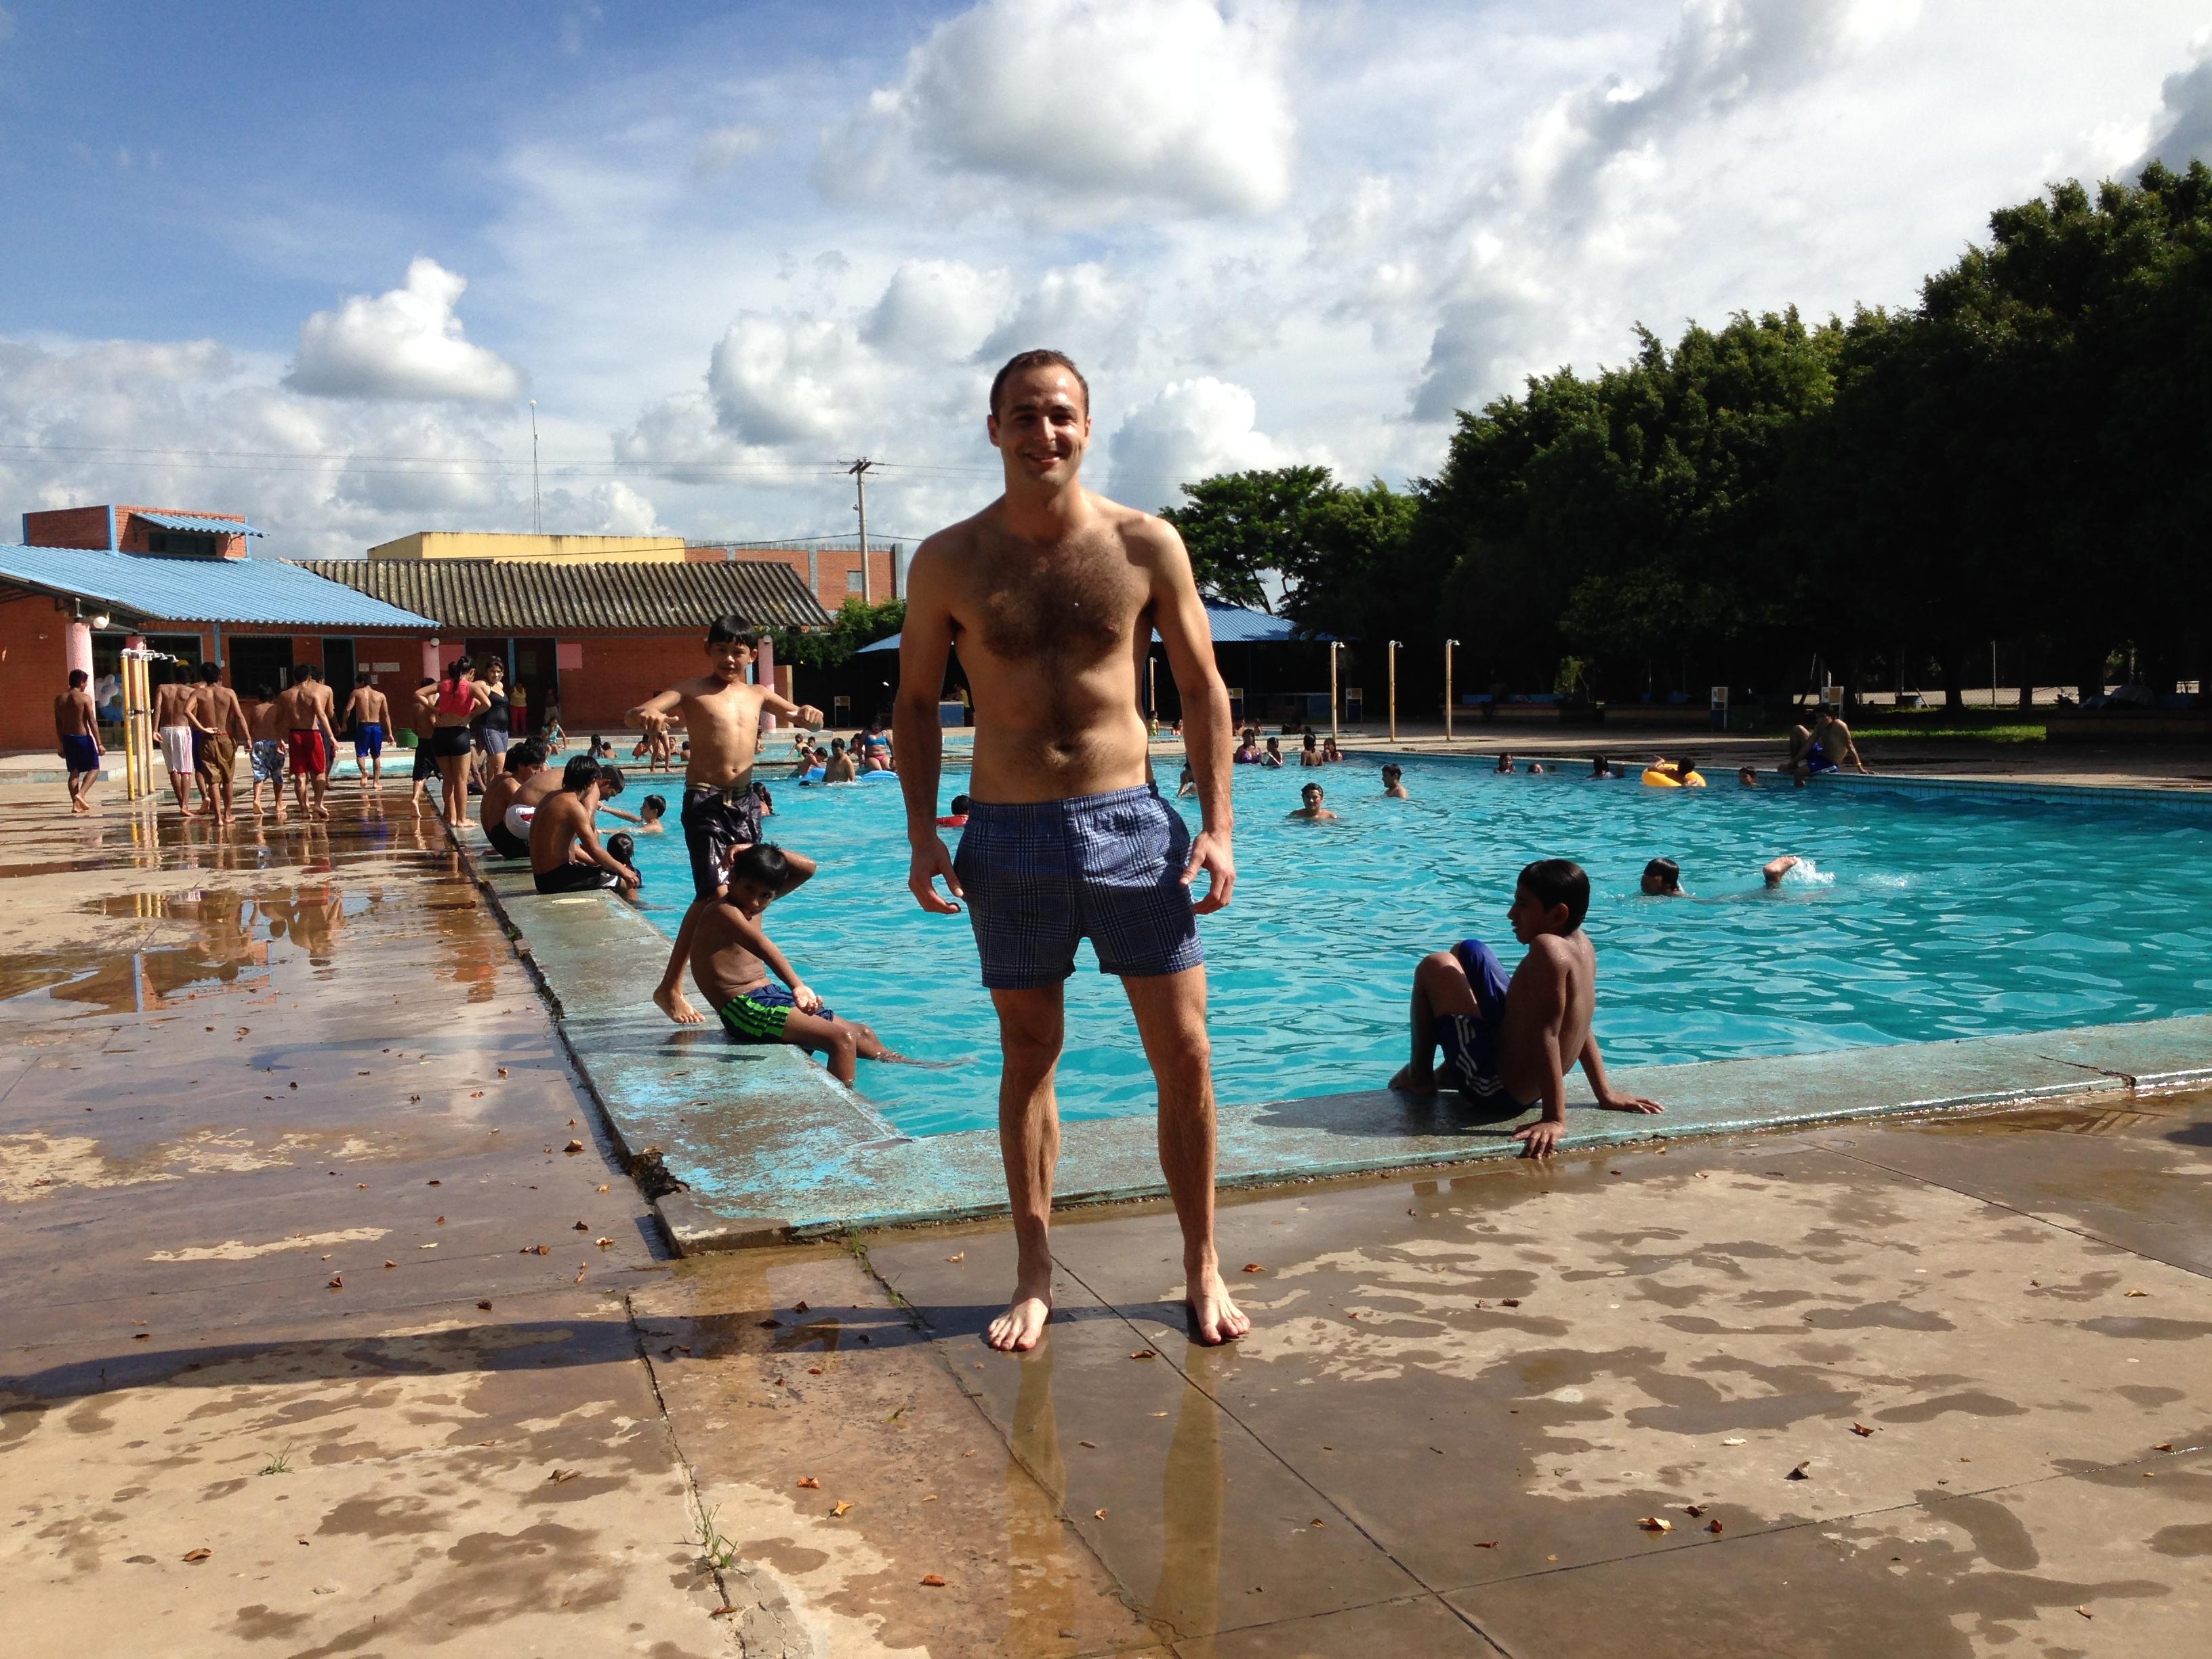 Disfrutando un poco de la piscina. Os aseguro que las piscinas en un buen día se llenan hasta arriba.